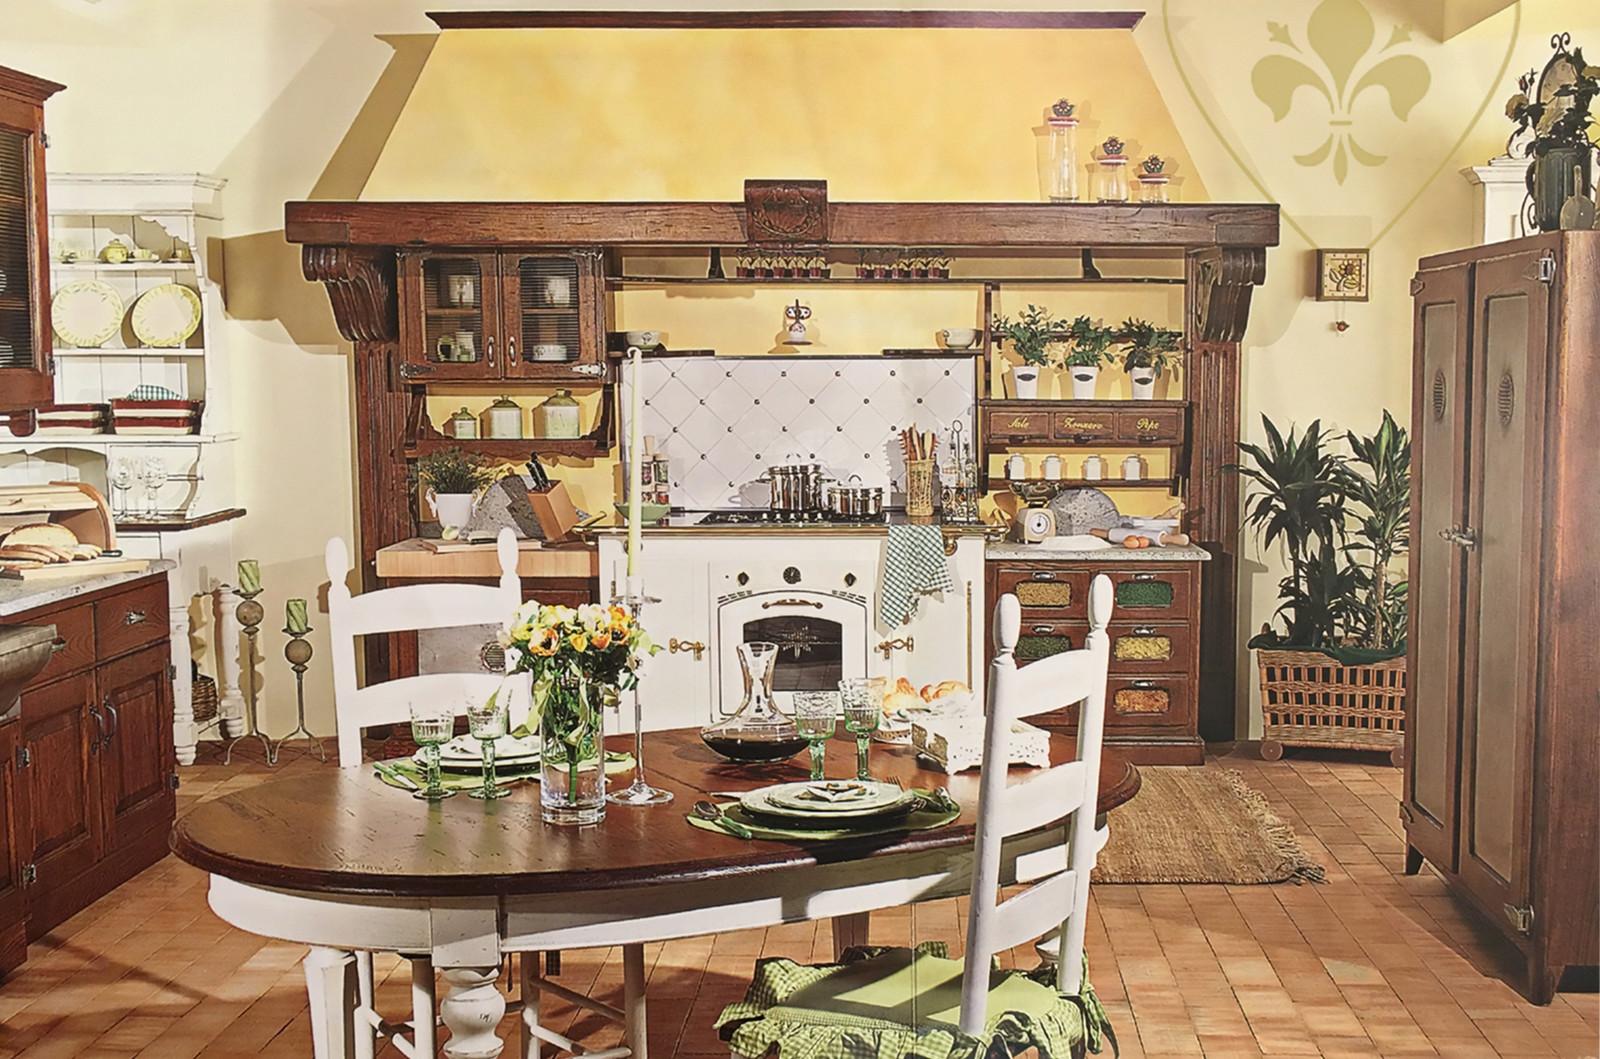 Etnico soggiorno creativo - Cucine etniche arredamento ...